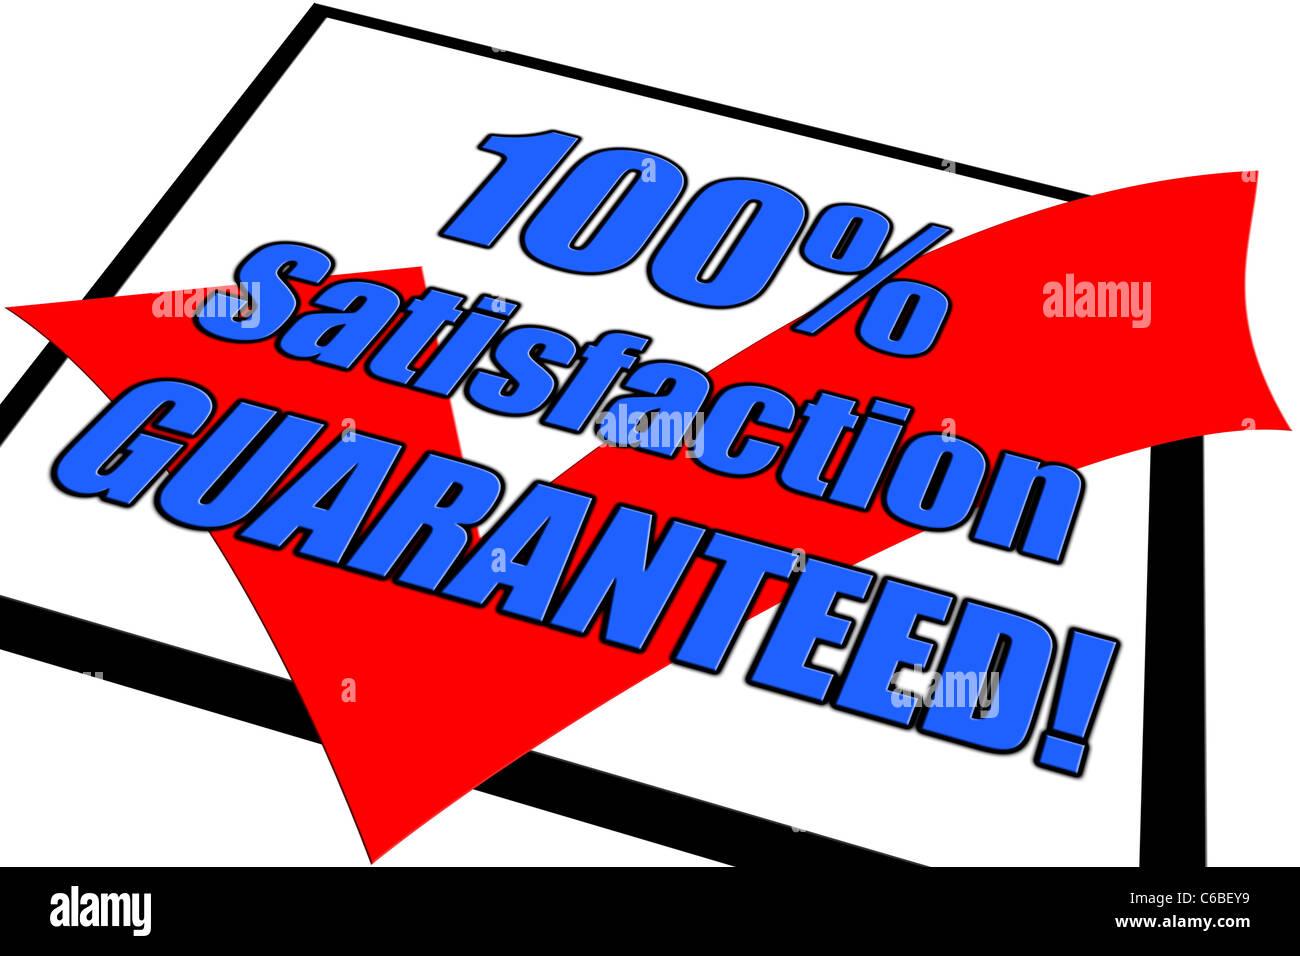 100 % Zufriedenheit garantiert Konzept isoliert auf weiss Stockbild